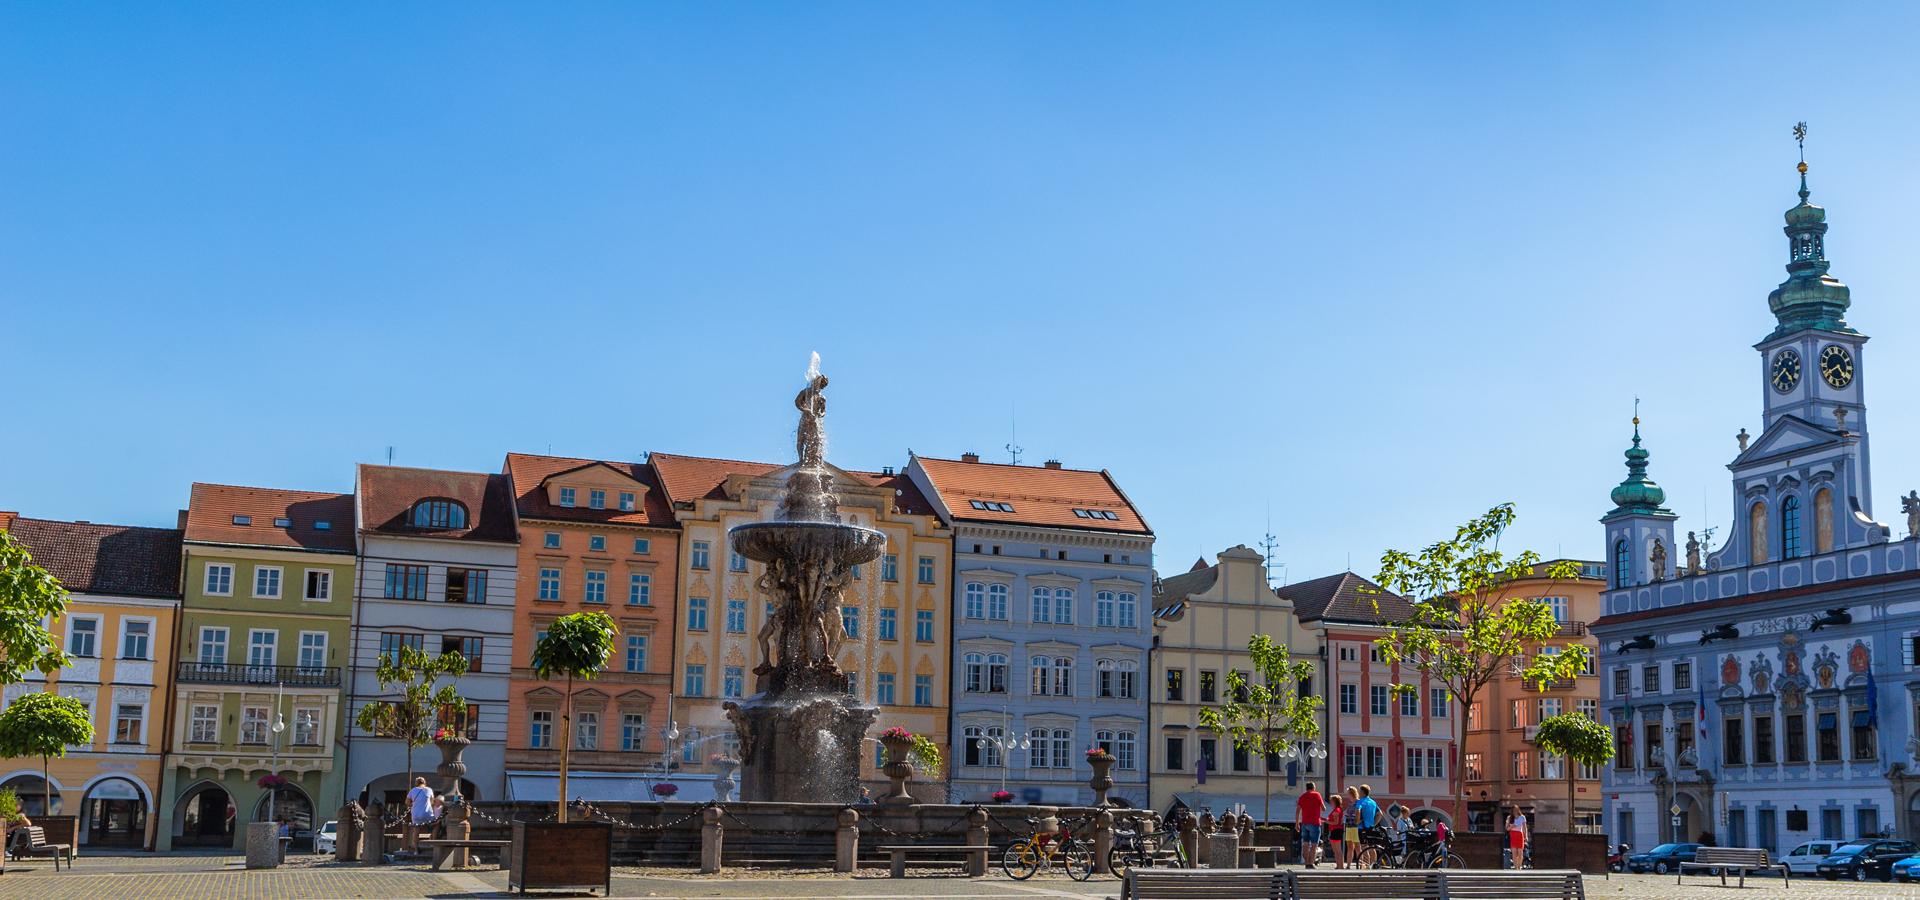 <b>Europe/Prague/Jihocesky_kraj</b>